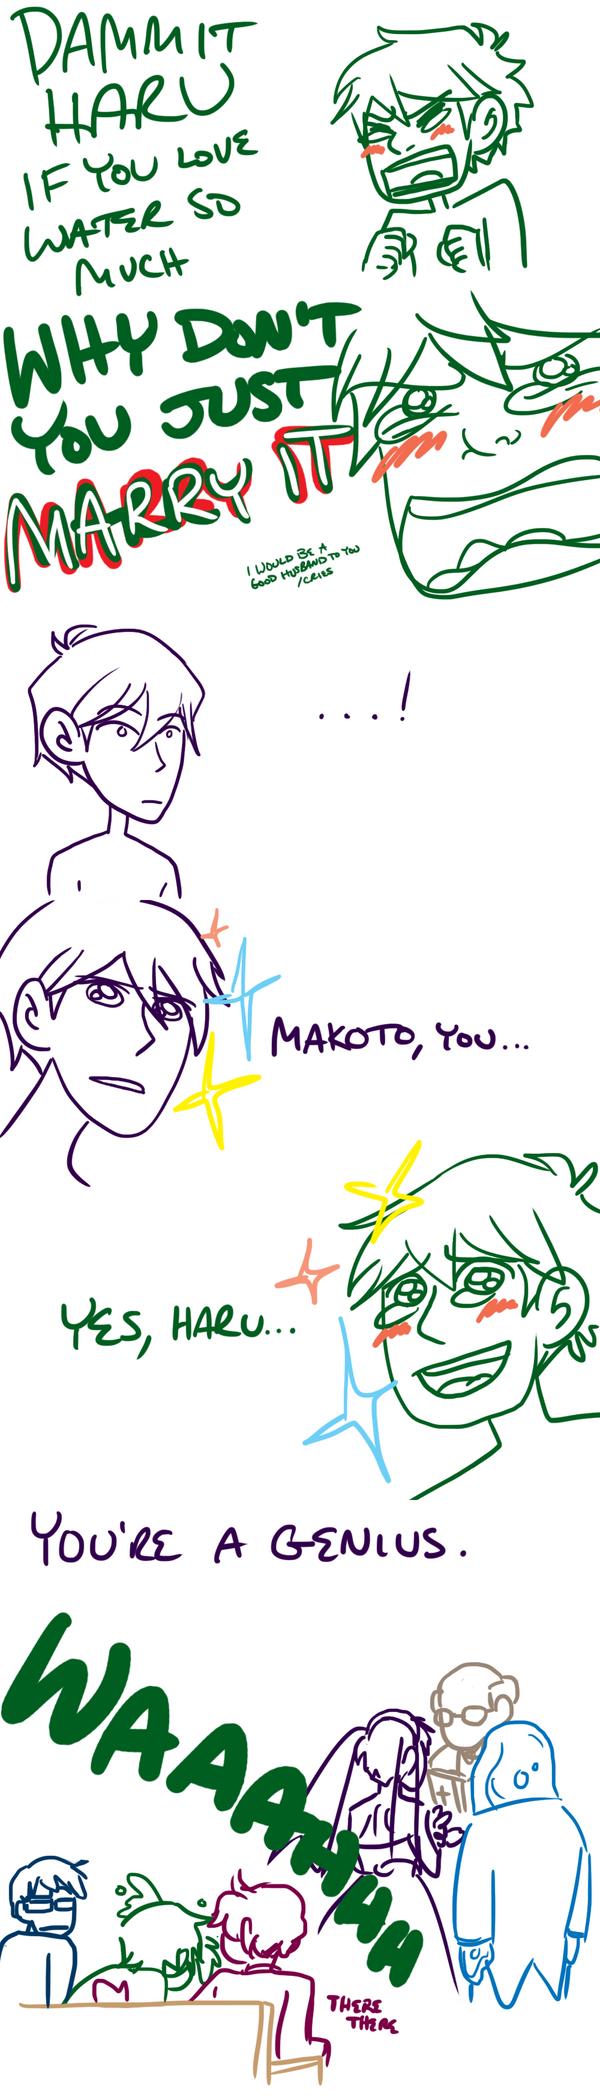 makoto's mistake by sammywhatammy